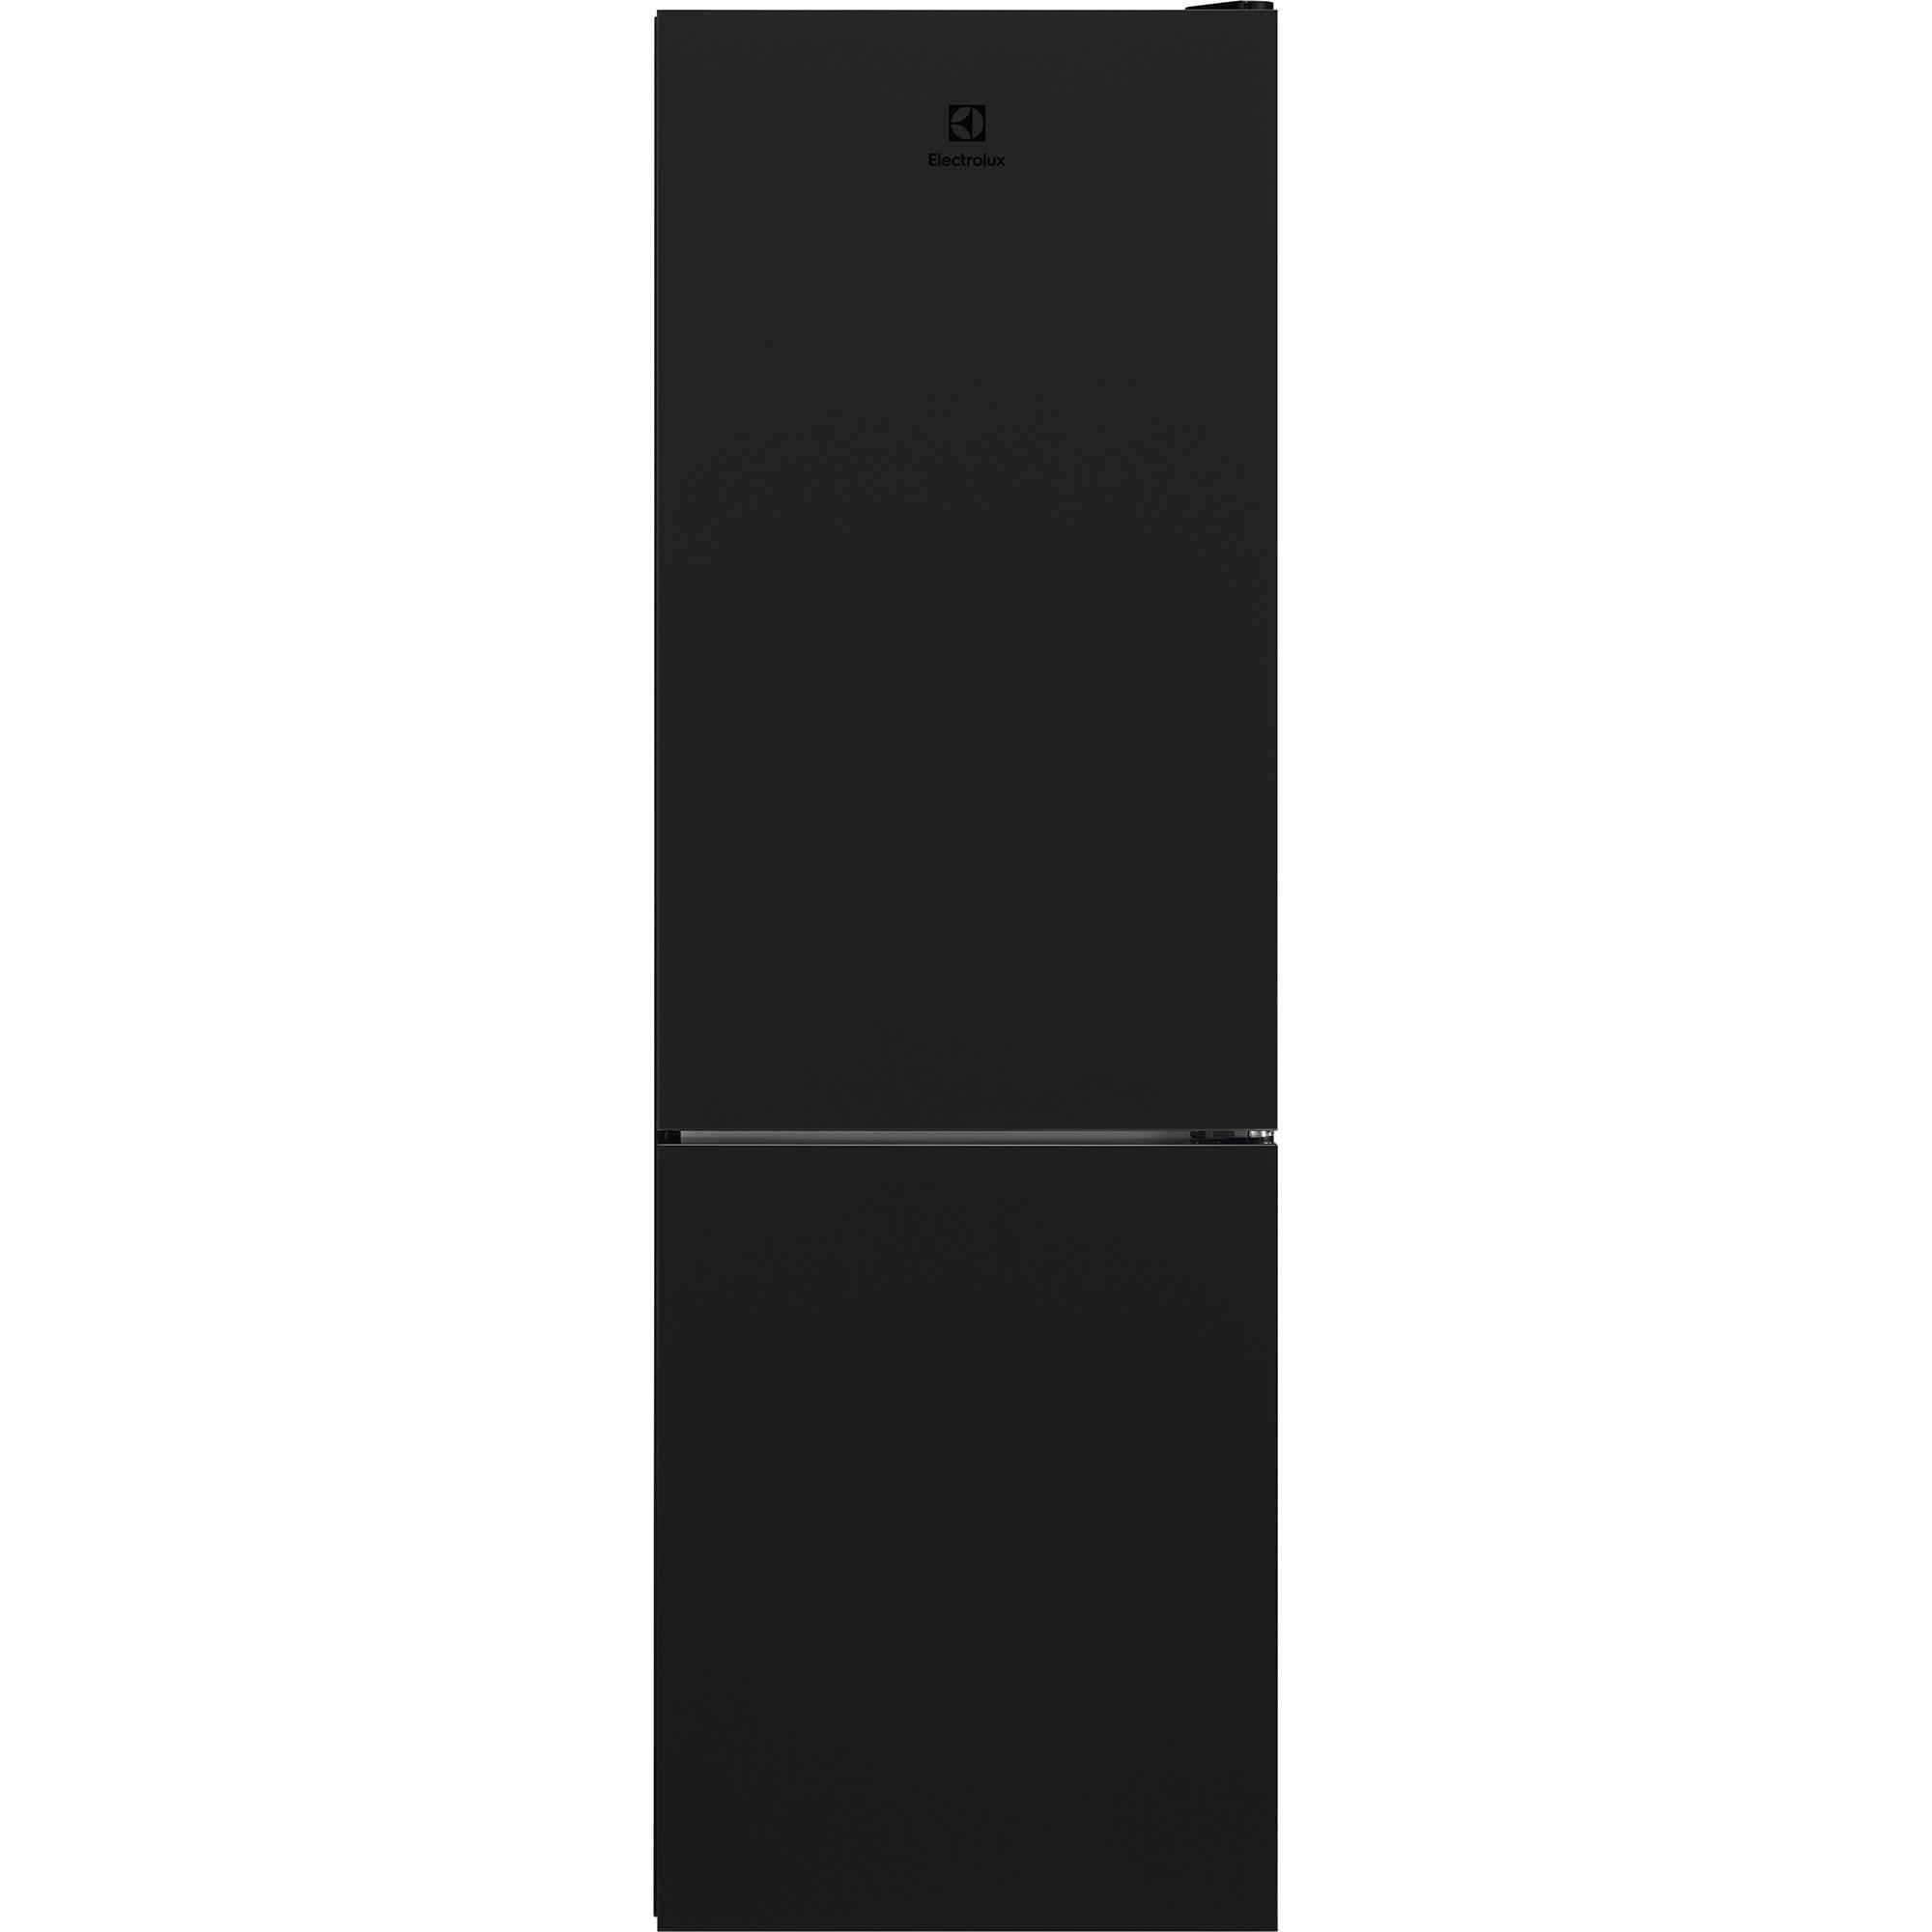 Fotografie Combina frigorifica Electrolux LNT7ME32M1, 324 l, NoFrost, Clasa E, H186 cm, Sticla neagra